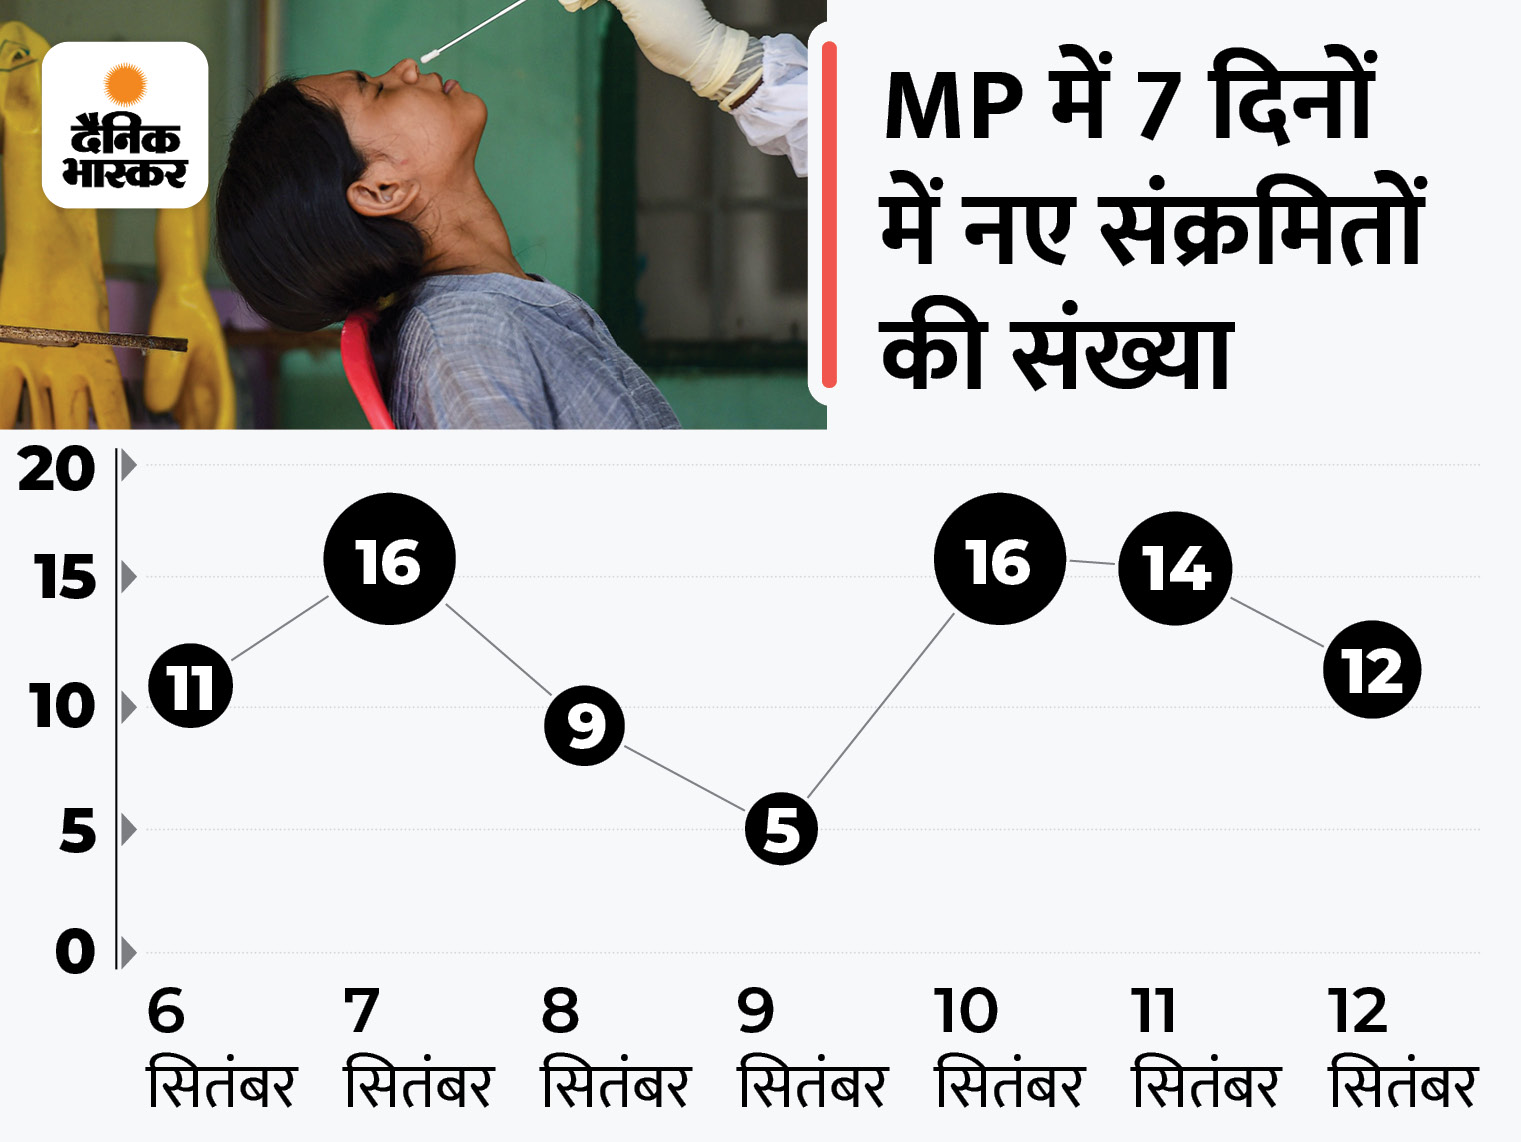 इंदौर में एक ही परिवार से जुड़े 6 संक्रमित मिले; भोपाल में 2, दतिया, ग्वालियर, कटनी, नरसिंहपुर में 1-1 पॉजिटिव; प्रदेश में अभी 139 एक्टिव केस|भोपाल,Bhopal - Dainik Bhaskar